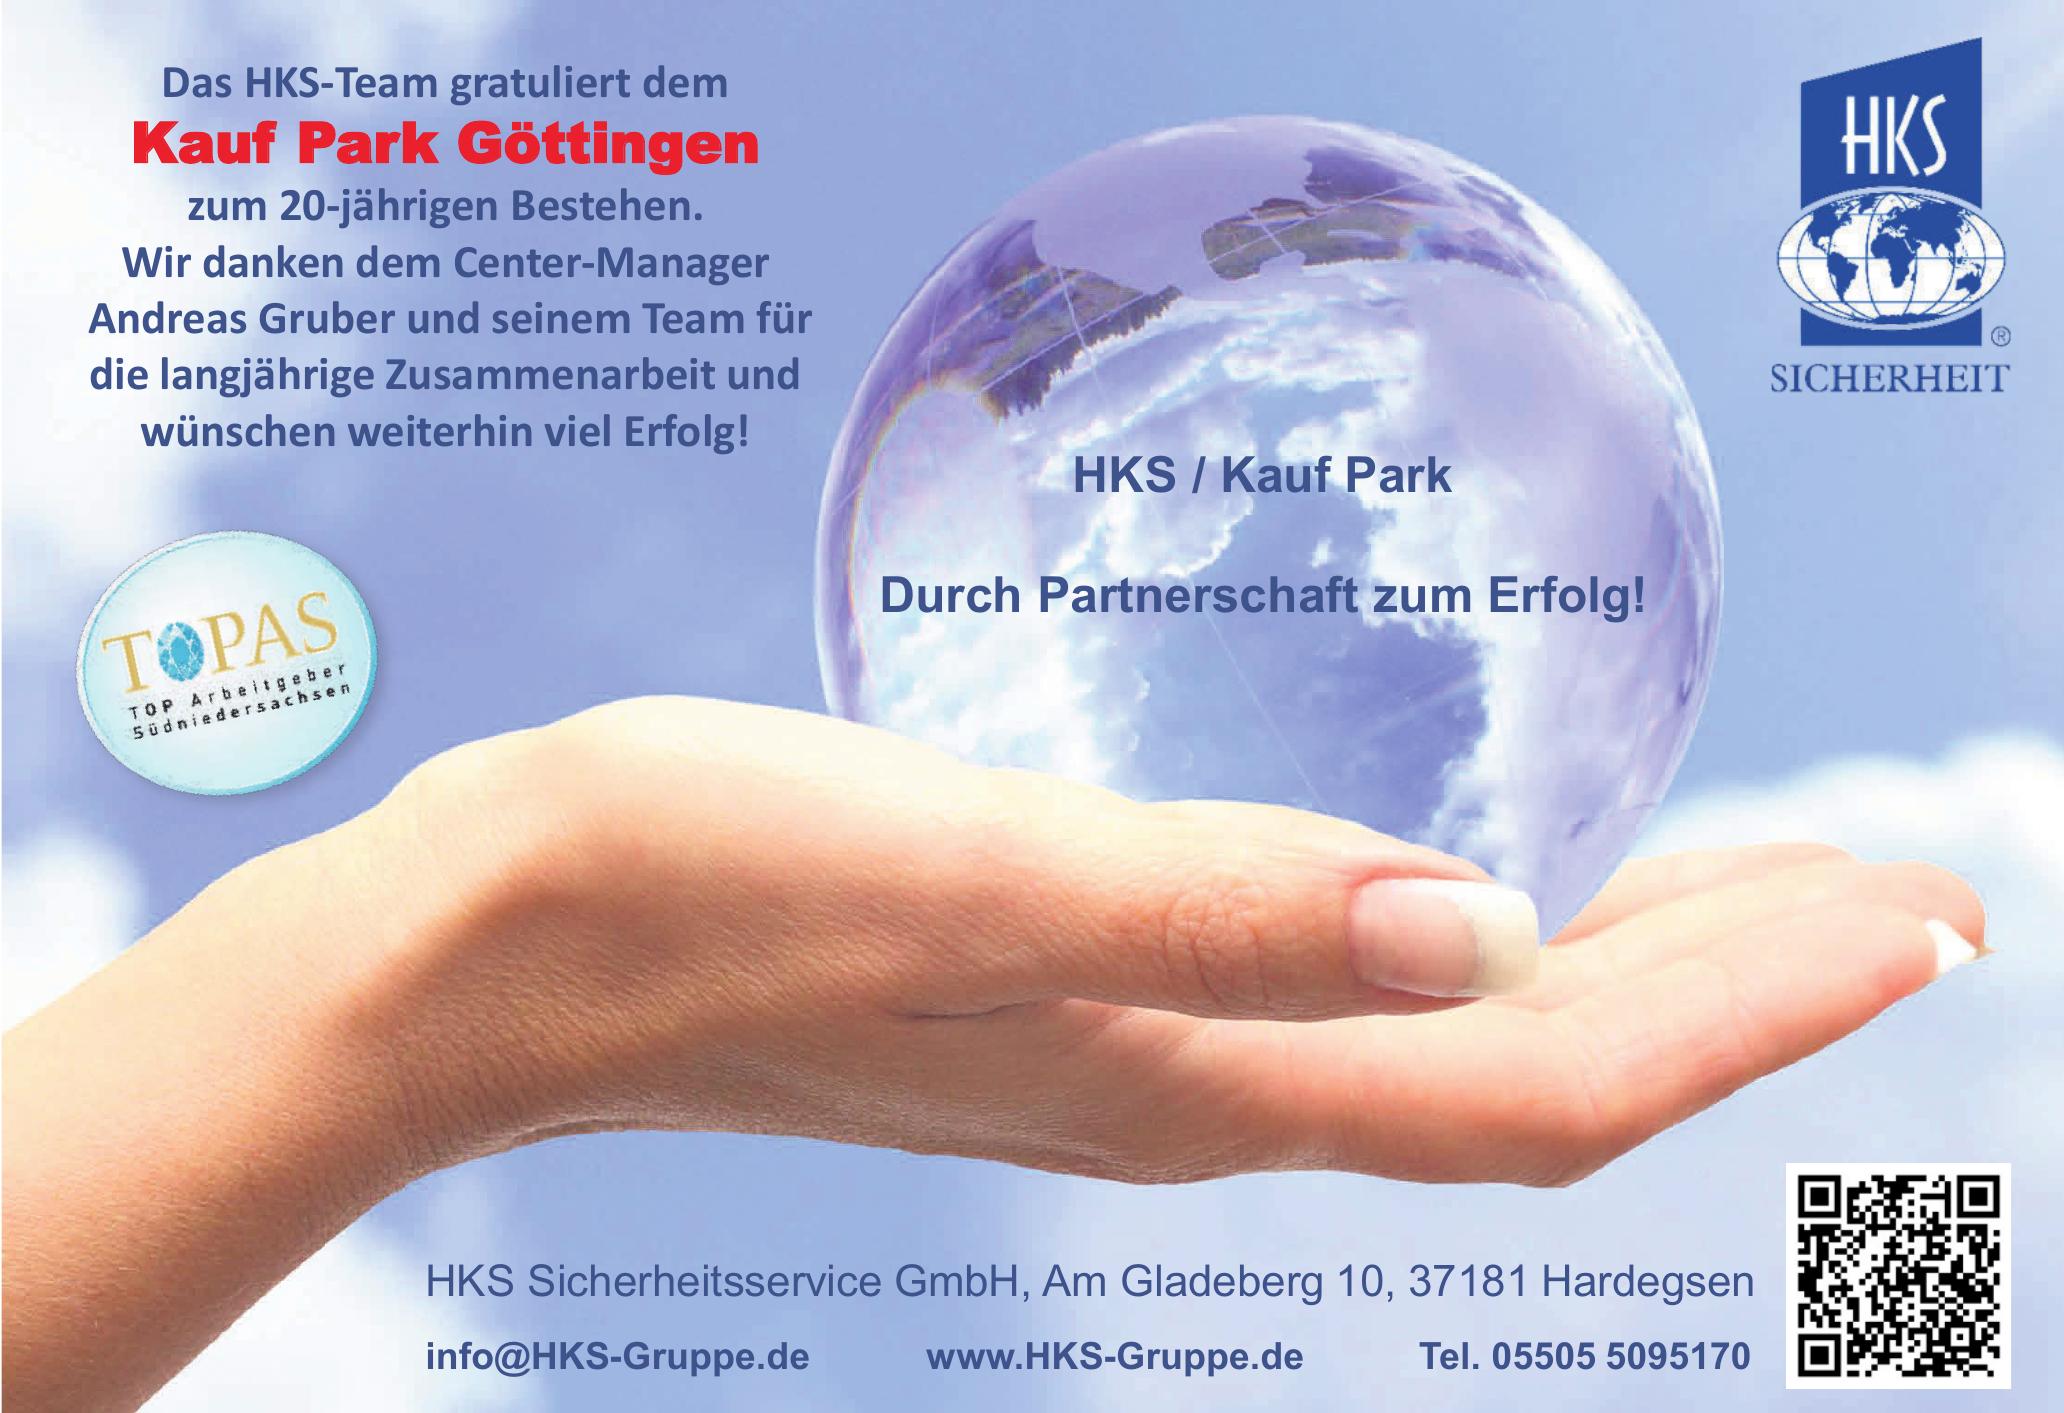 HKS Sicherheitsservice GmbH